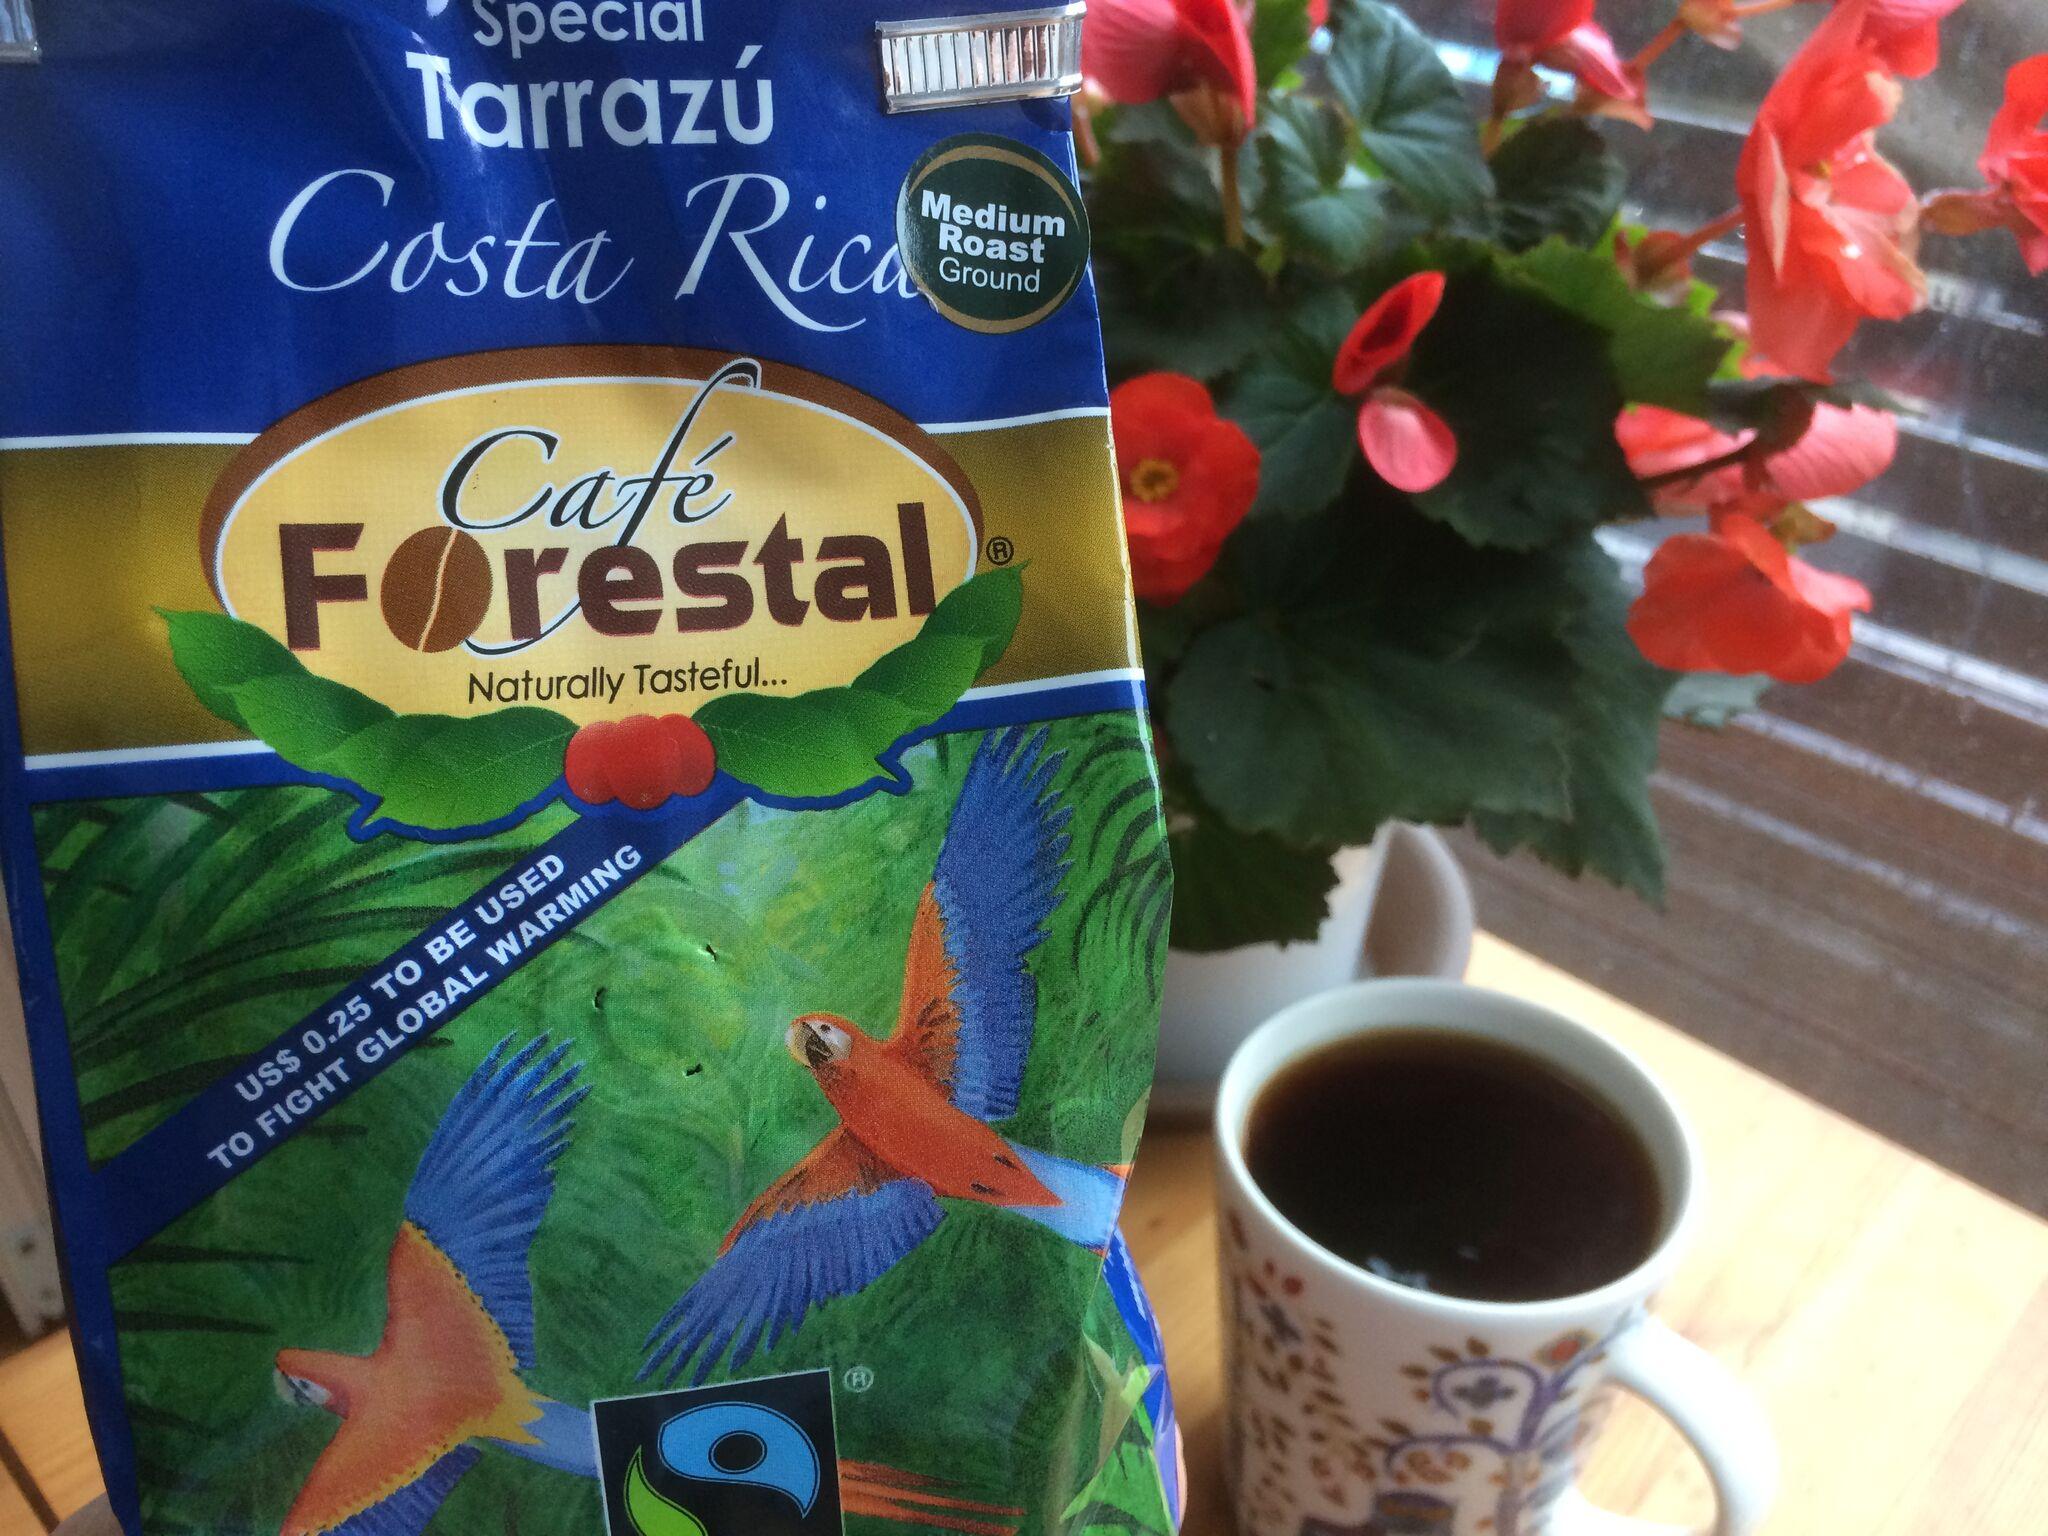 本日のコーヒー:カフェ・フォレスタル・スペシャル・タラスー